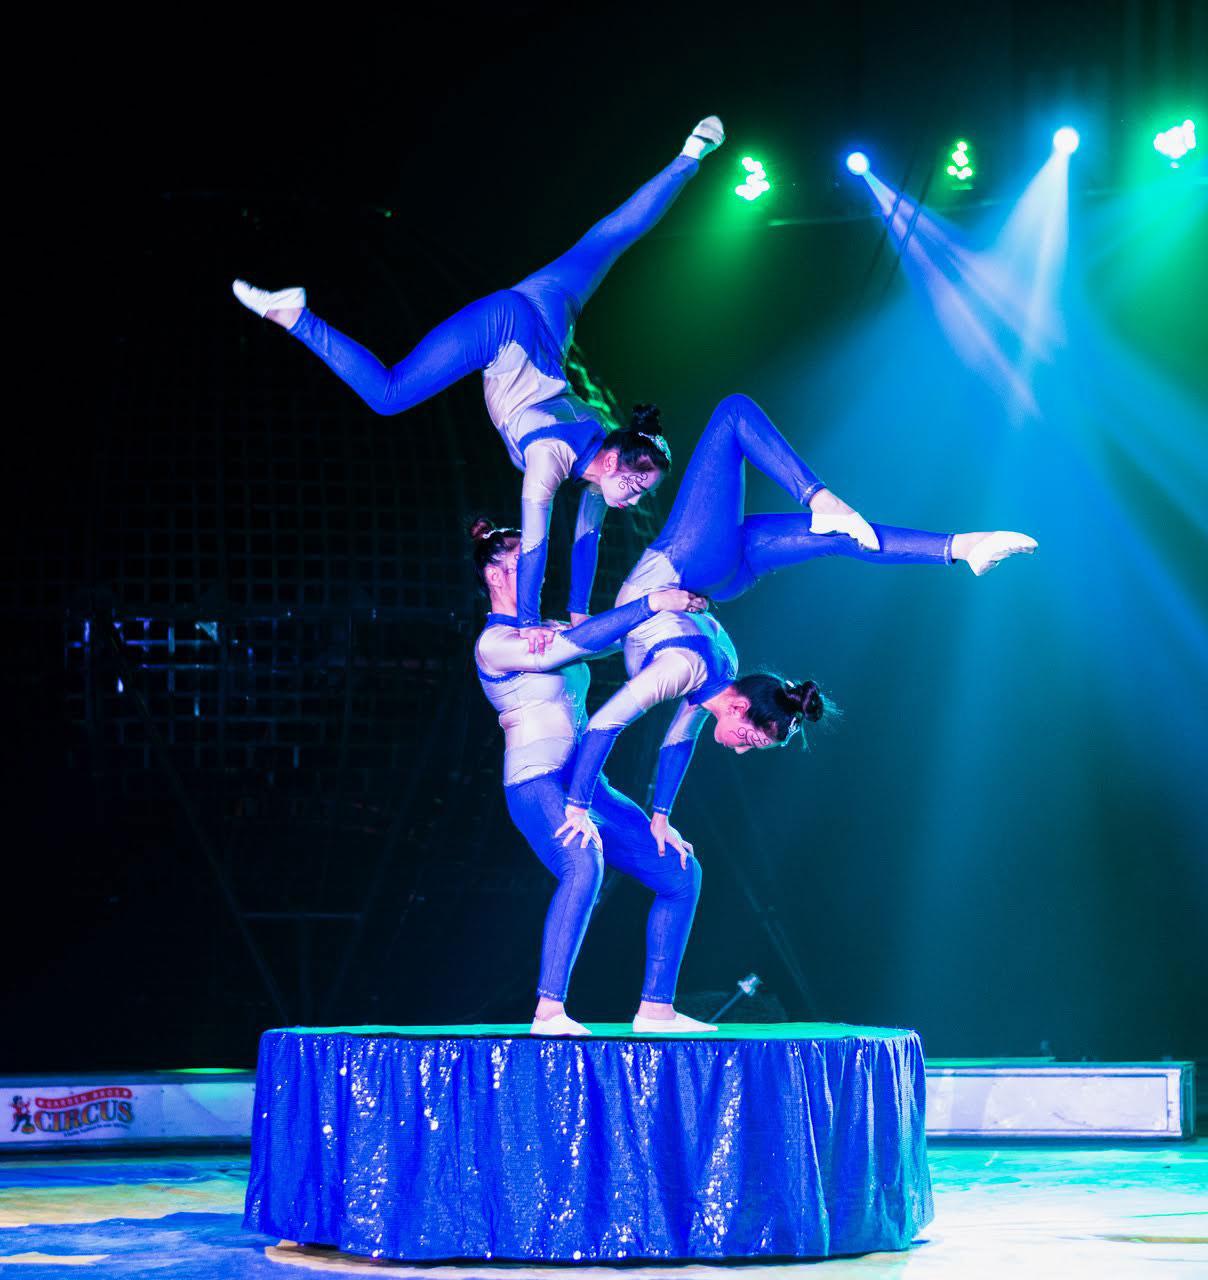 Garden Bros Circus Photo